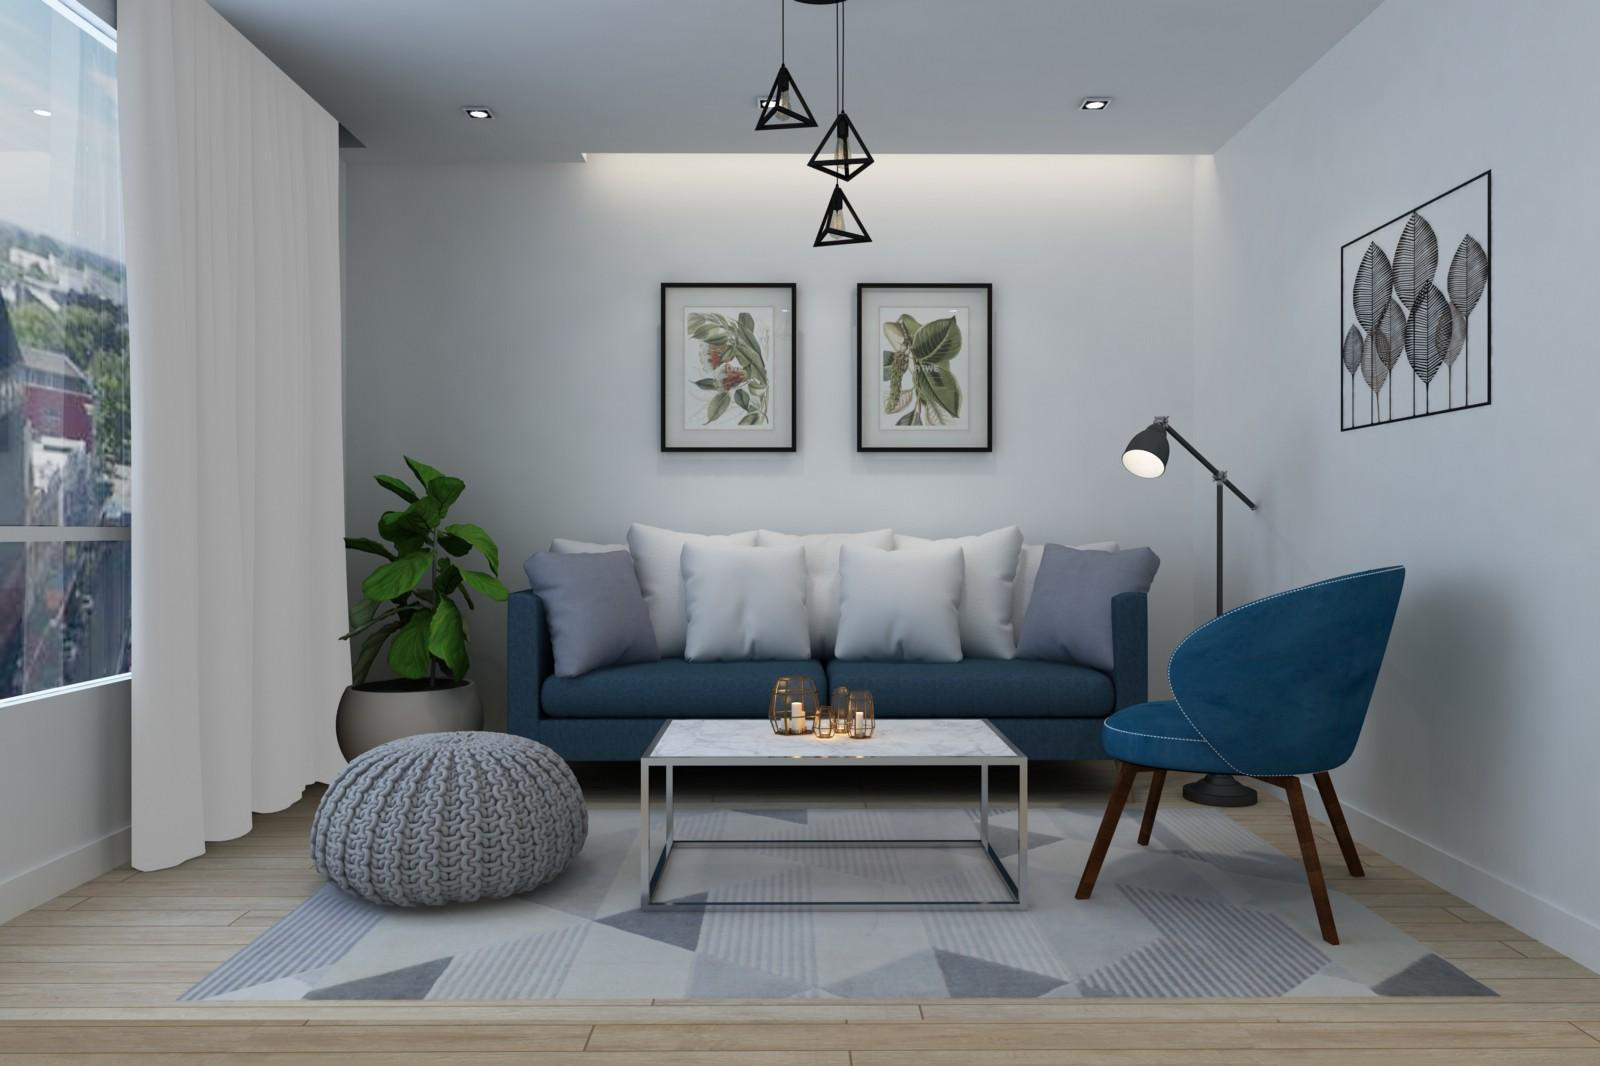 """VIFA Home: Đại tiệc nội thất """"thịnh soạn"""" cho người tiêu dùng thông minh - Ảnh 2."""